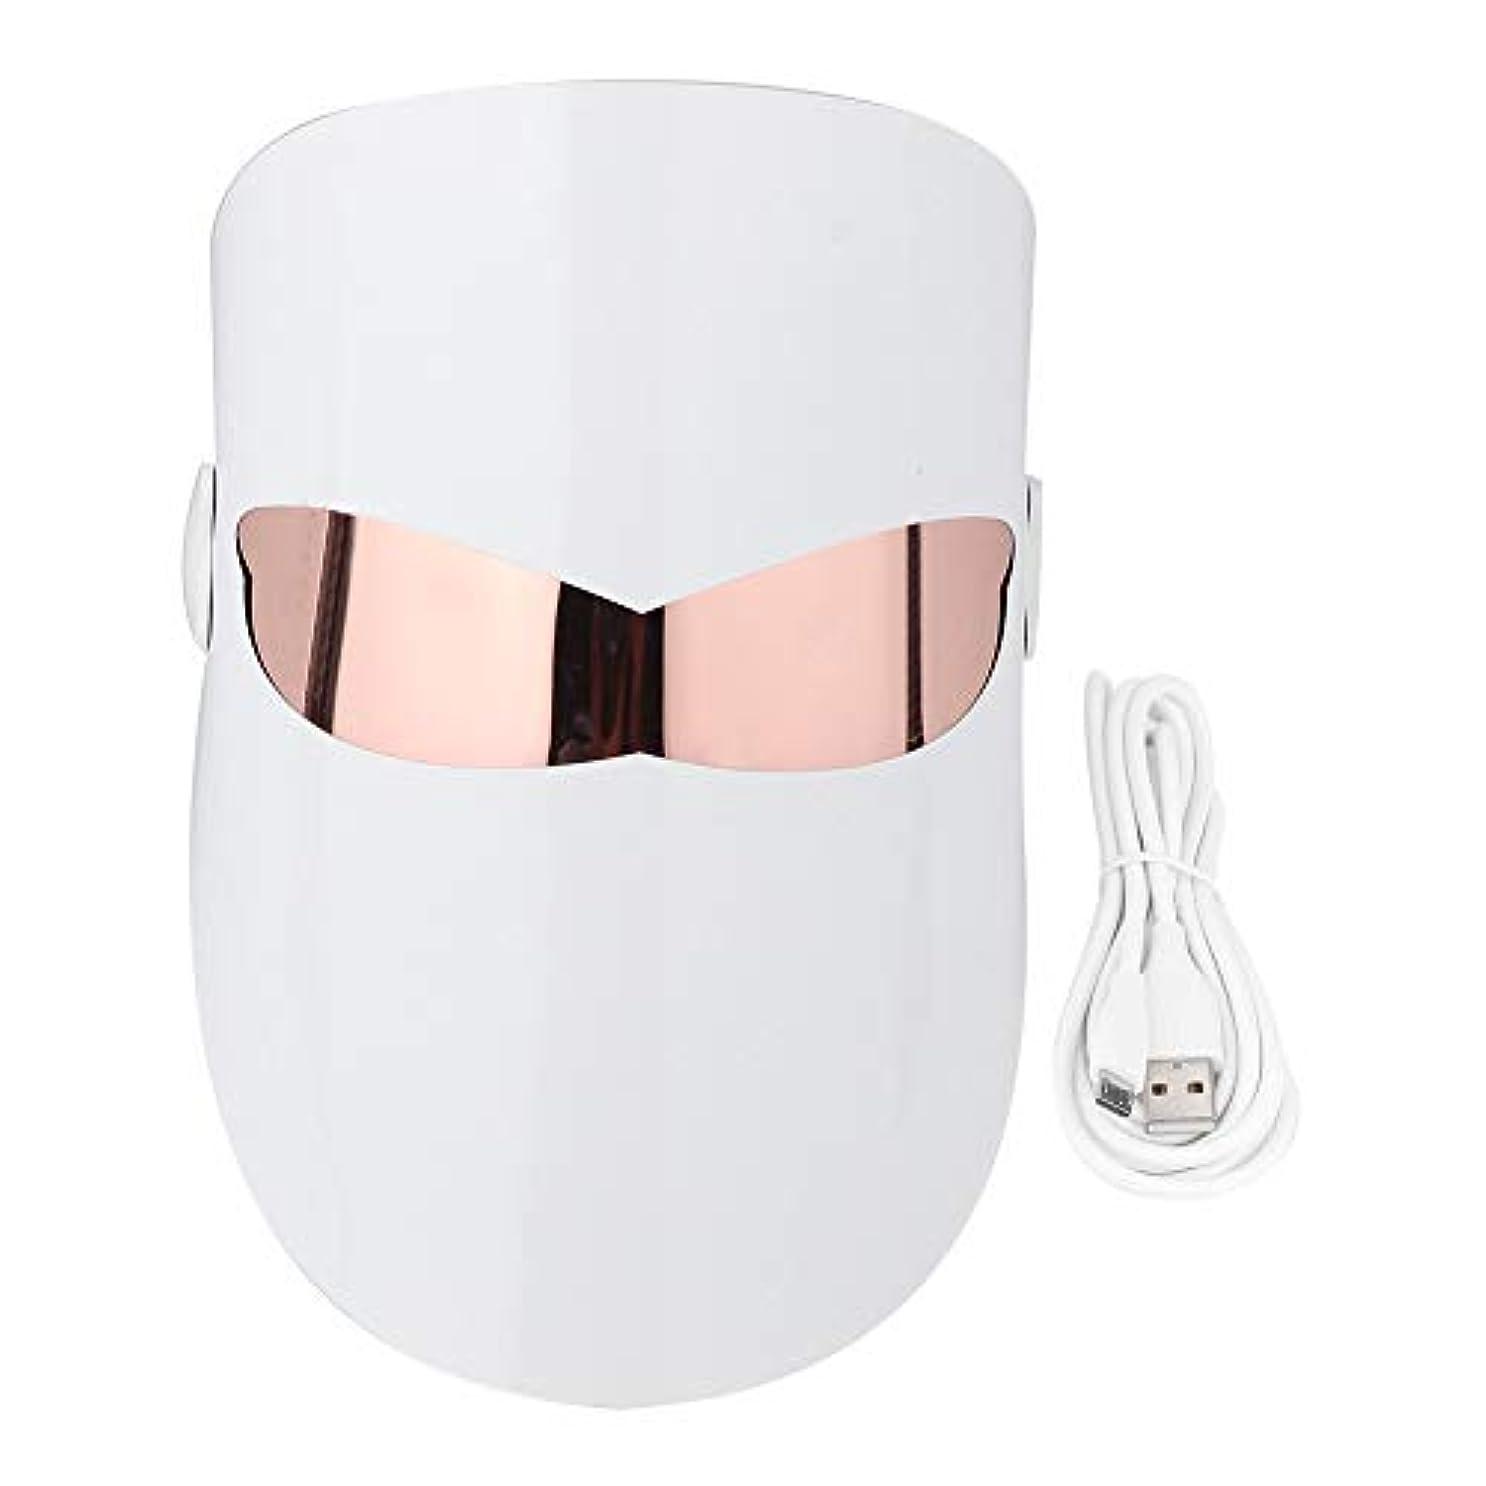 スピーチ尽きる献身Photon 32 LEDライトフェイスマスクホワイトニングリジュビネーションマッサージ栄養コラーゲン回復にきび除去スパ美容機器フェイス&ネックスキンケアマスク